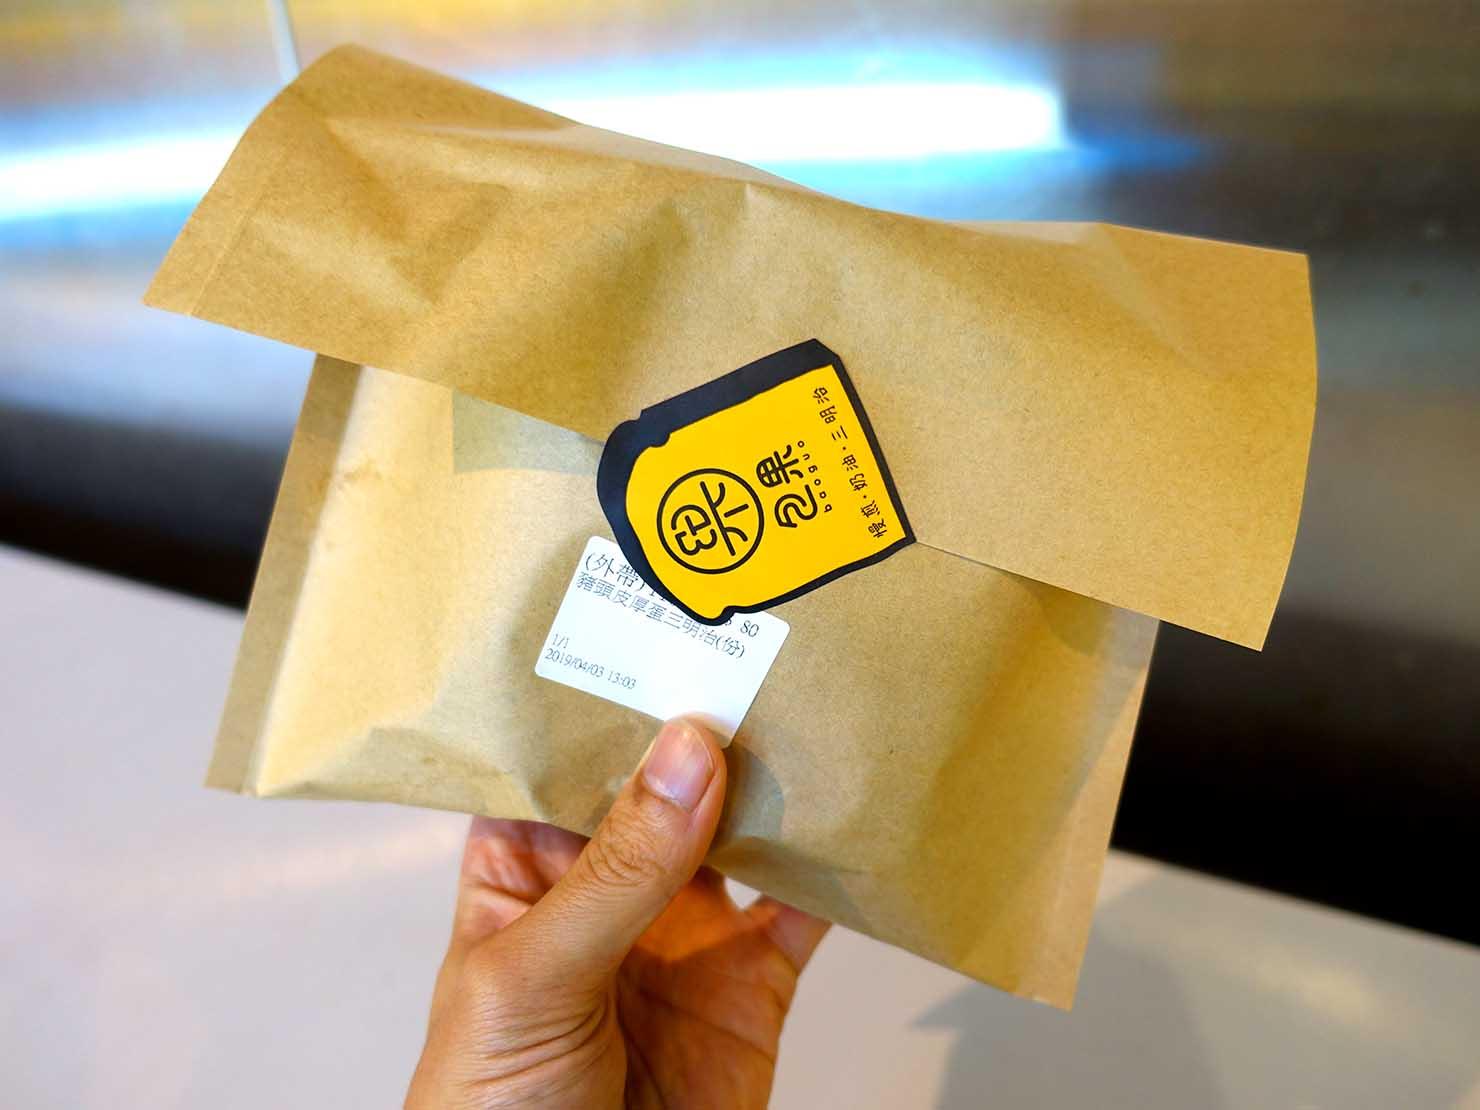 台北駅駅ナカ(車站大廳)のおすすめグルメ店「包果」のパッケージ